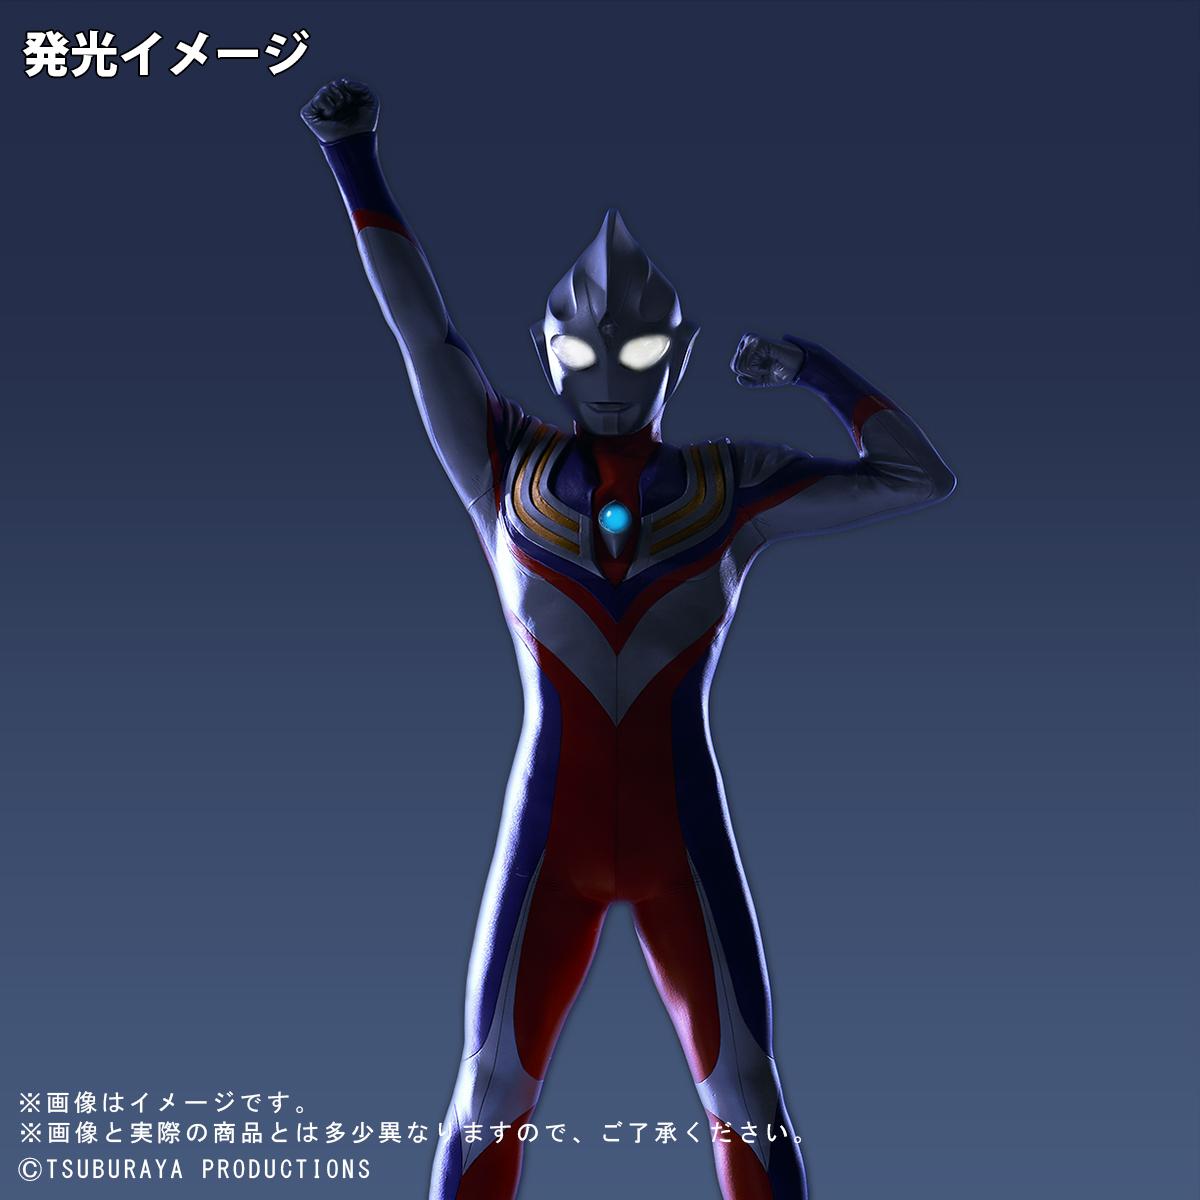 大怪獸系列 ULTRA NEW GENERATION 超人迪加(複合型) 登場姿勢